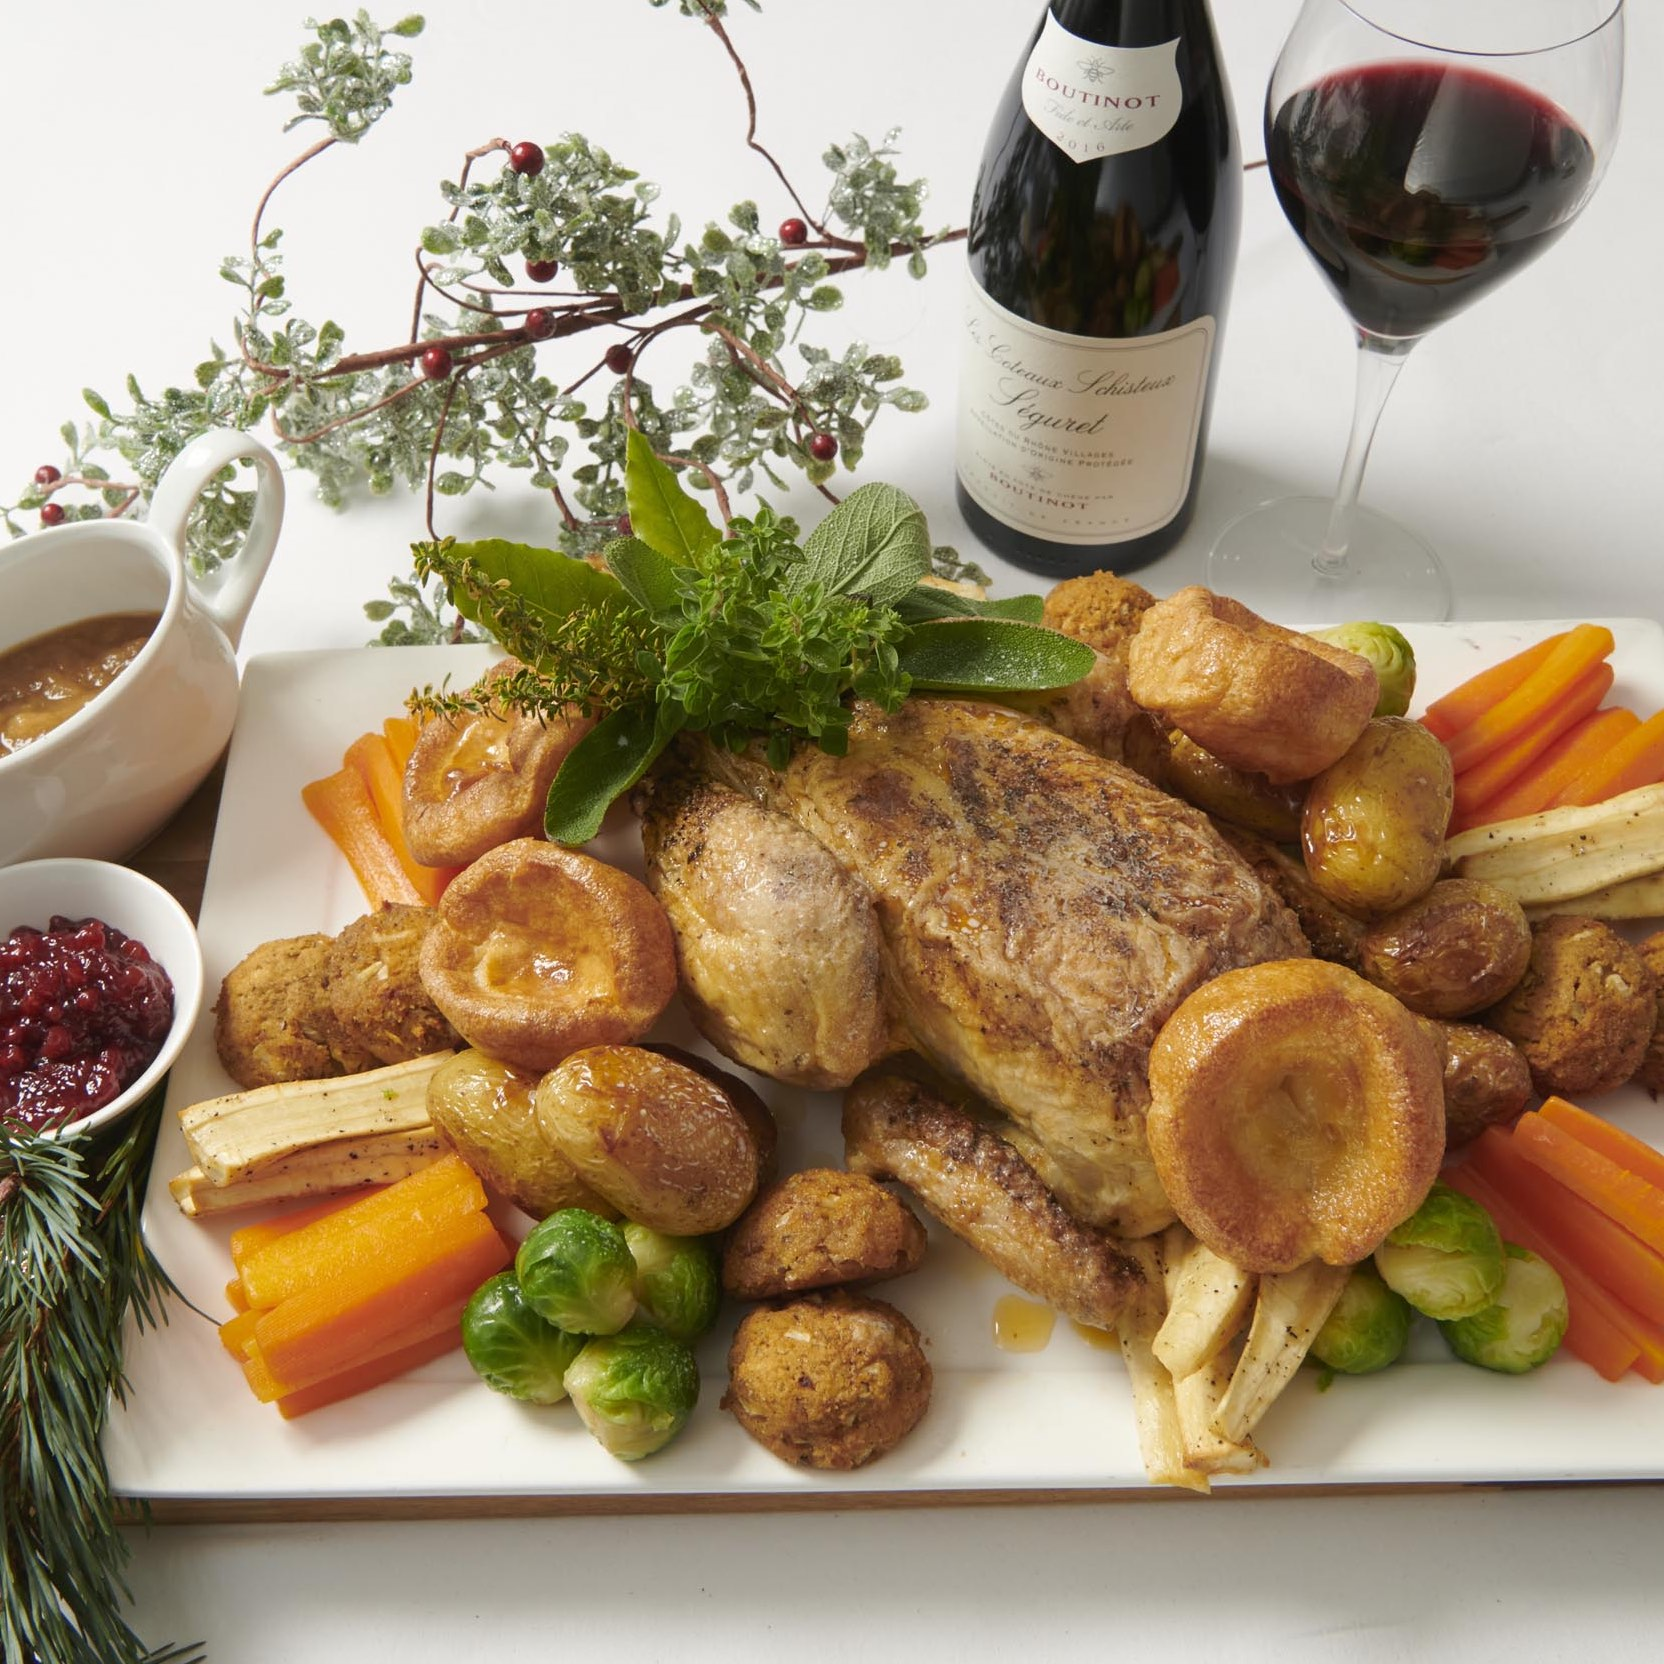 GOOD HIGHLAND FOOD CHRISTMAS